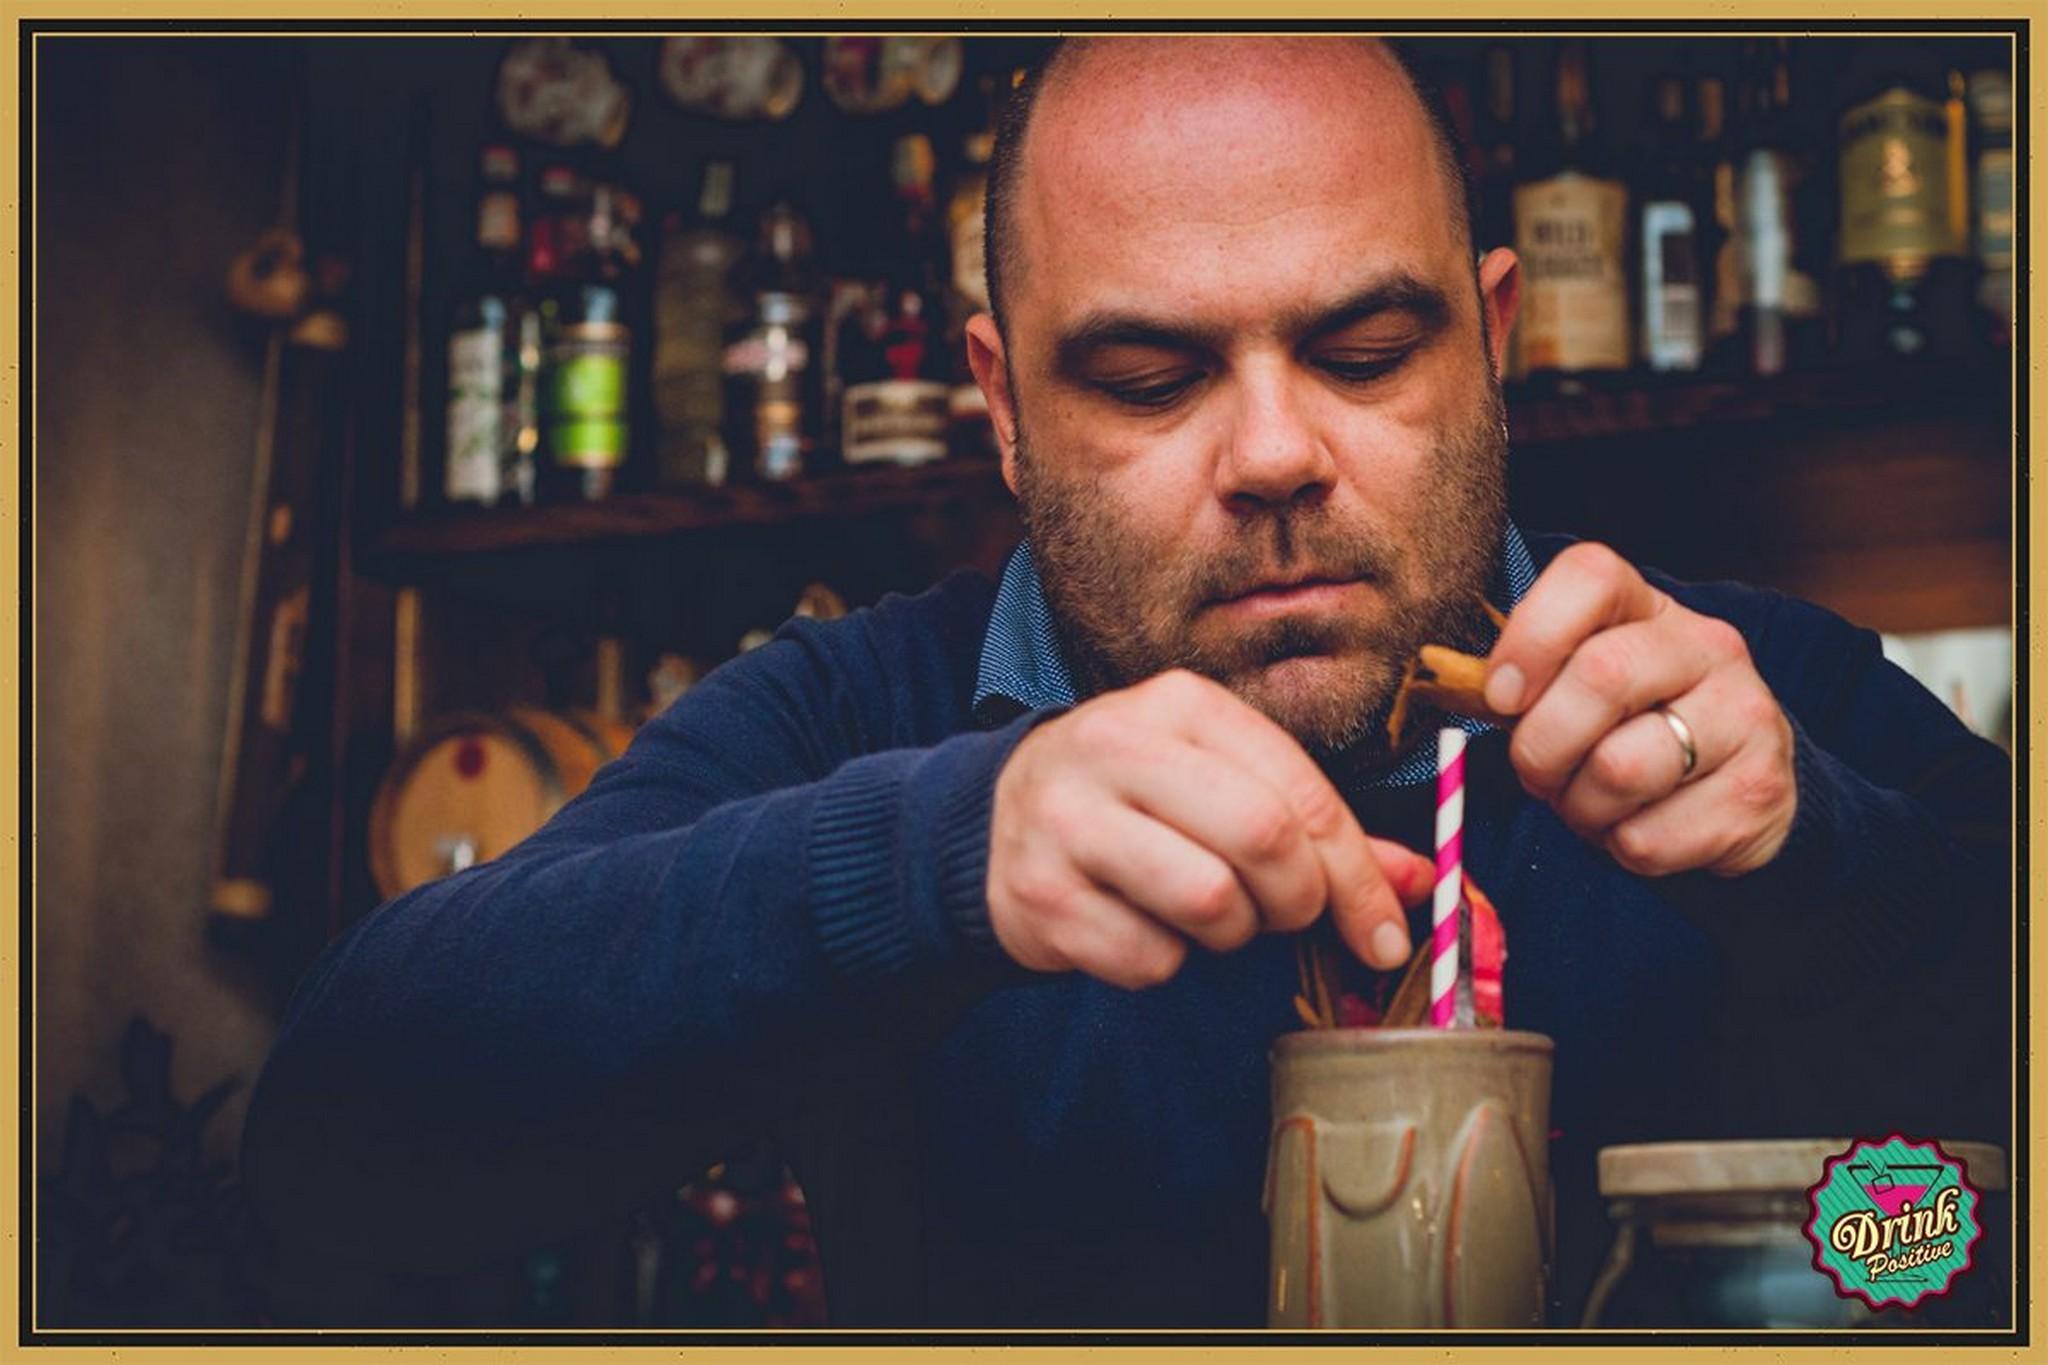 fabio_camboni_Gaeta_Drink_Positive_consulenze__apertura_locali_corsi_barman_076